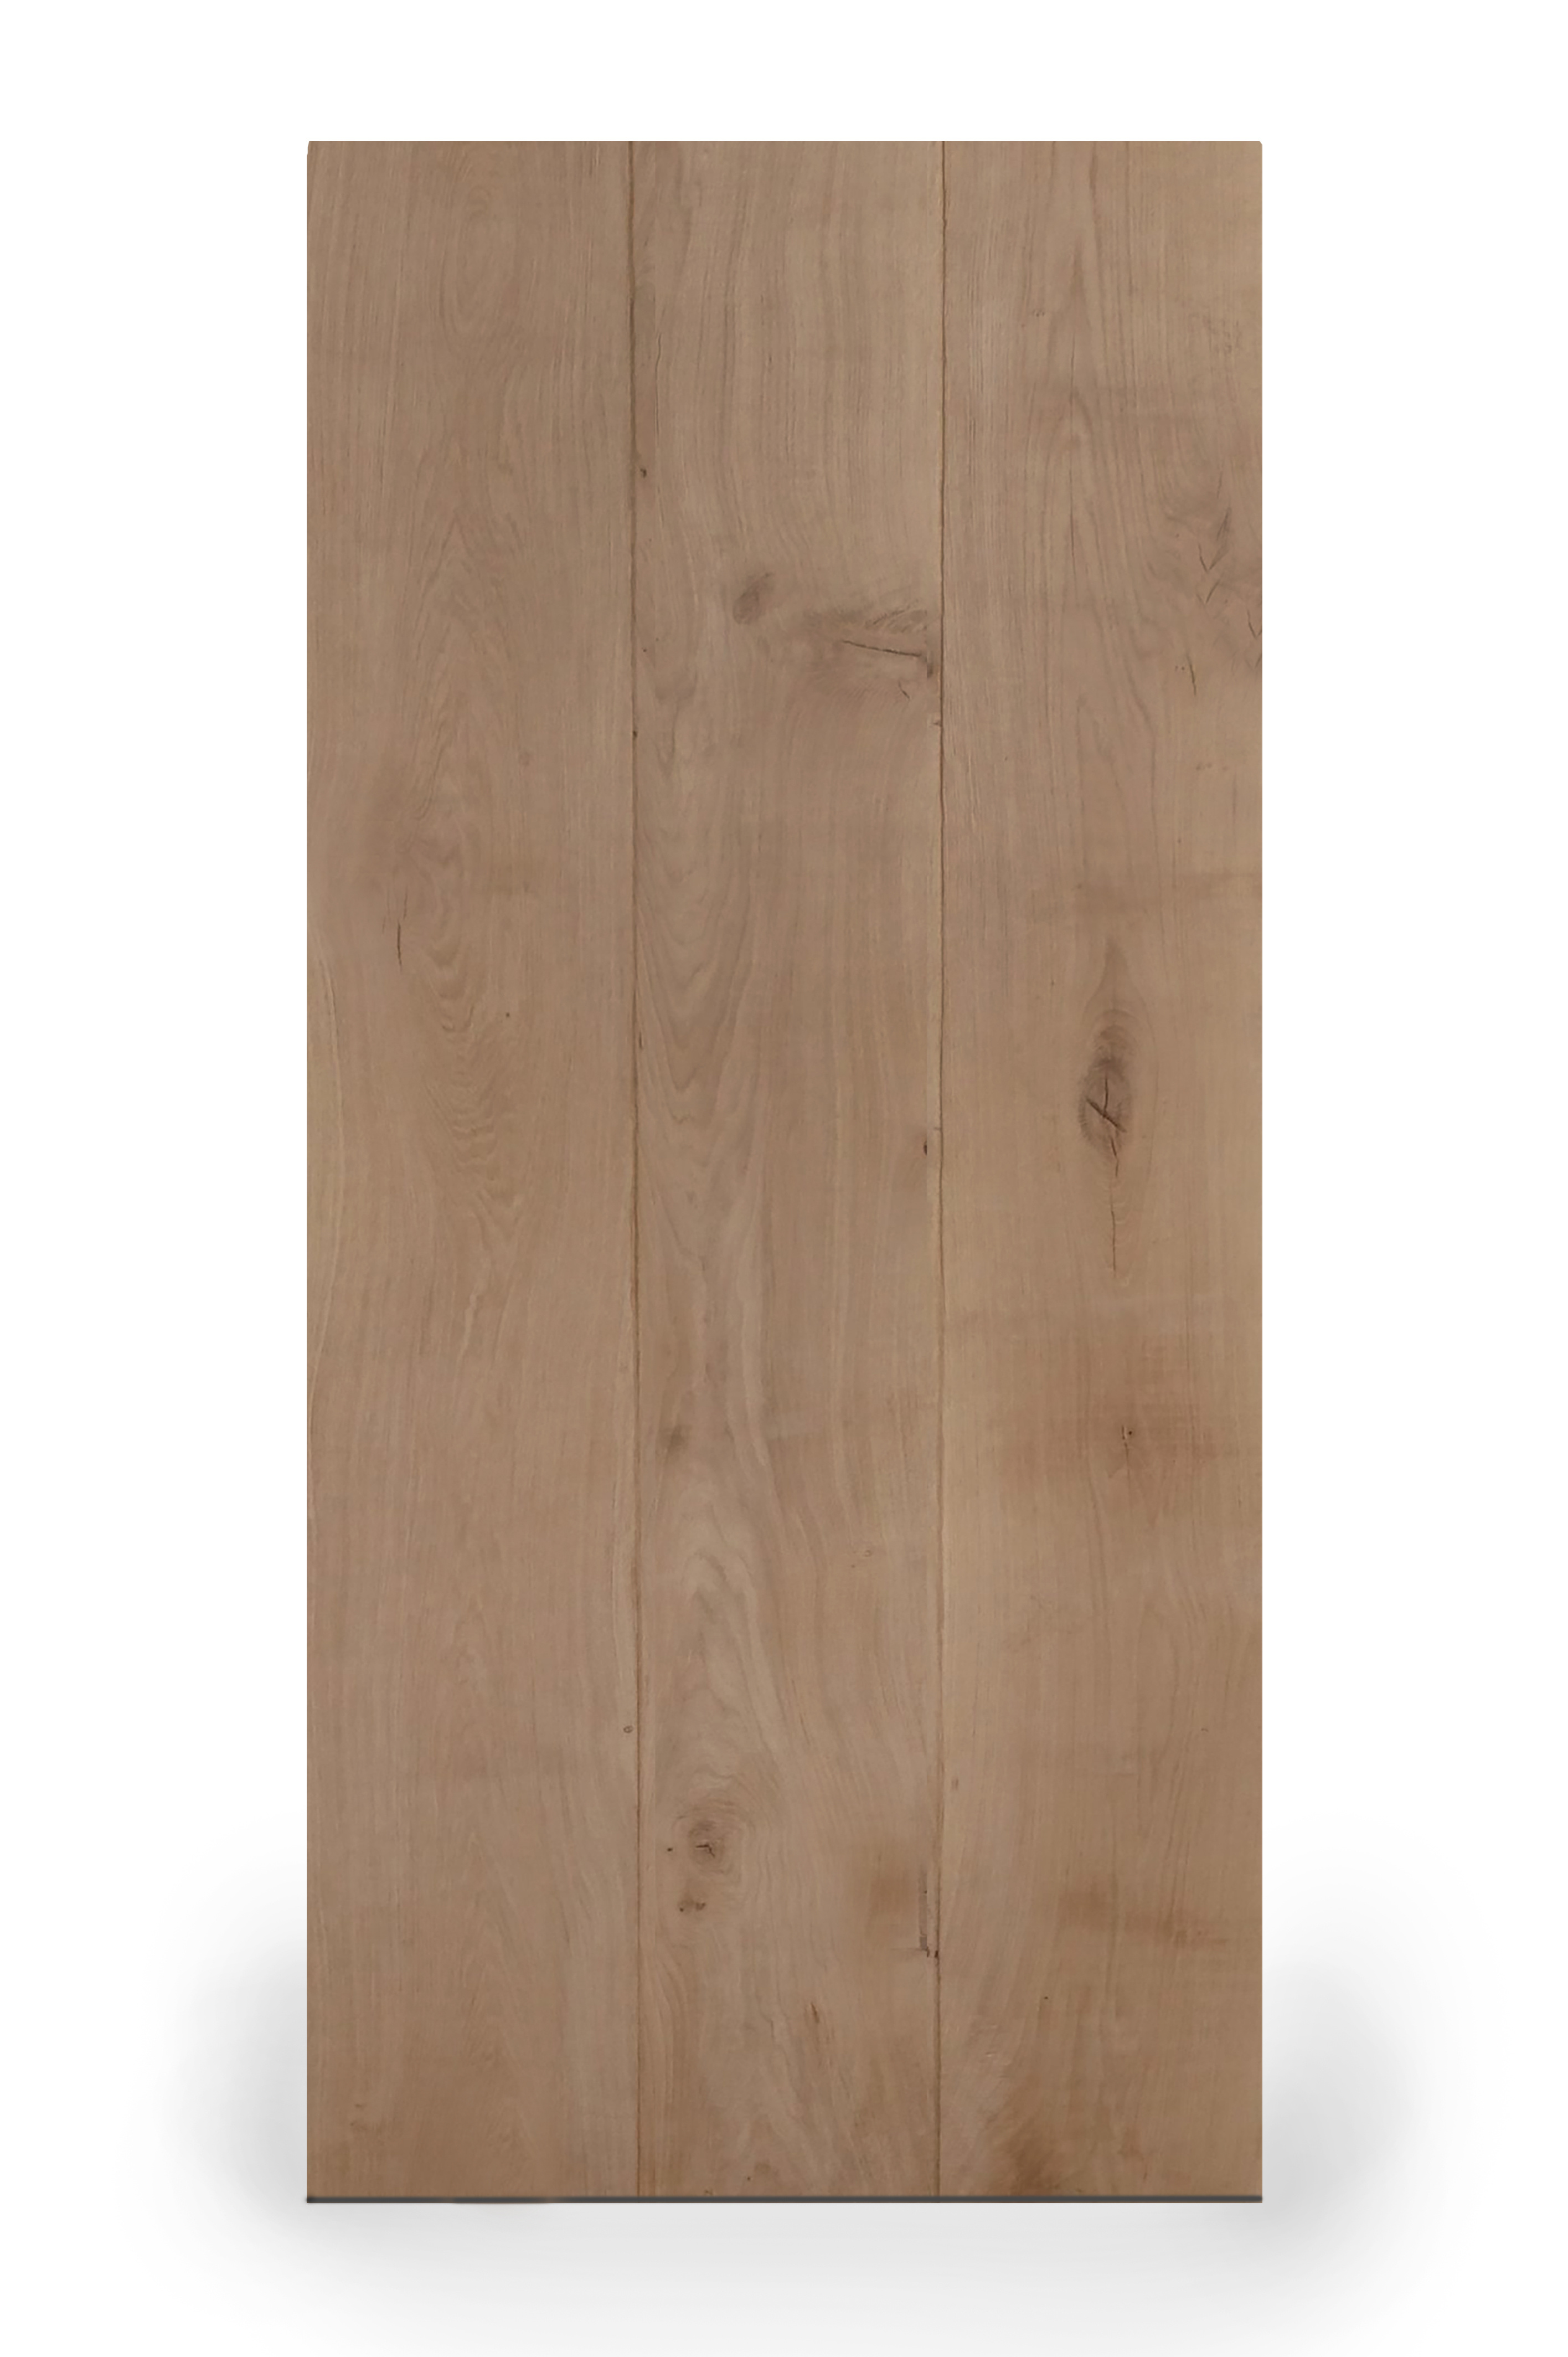 Tischplatte Wildeiche LUXUS (3-Lamellen) - 4,5 cm dick - verschiedene Größen - Asteiche (rustikal) - Gebürstet + V-Fugen - Eiche Tischplatte rechteckig - Verleimt & künstlich getrocknet (HF 8-12%)